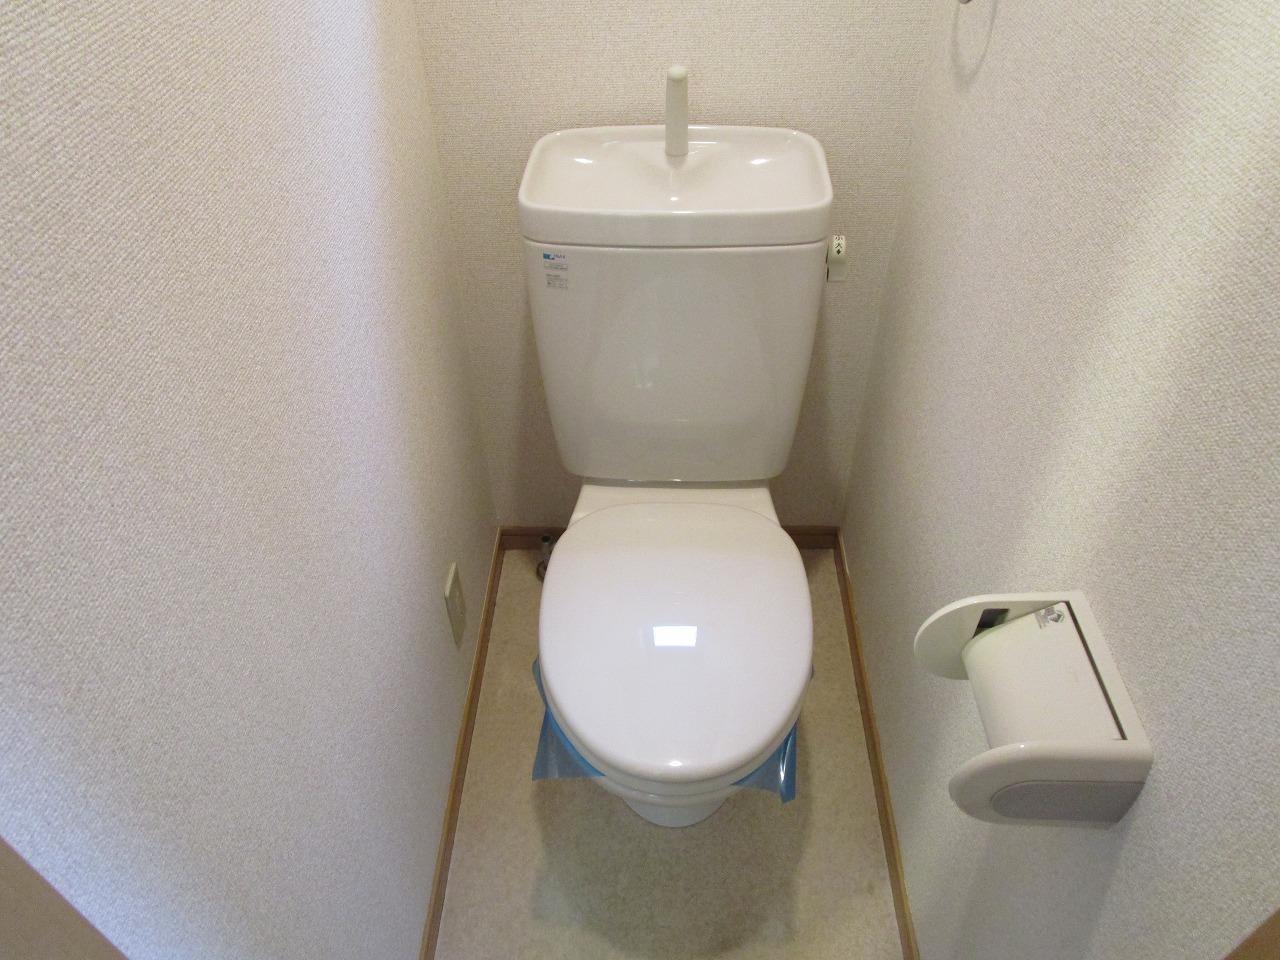 ウォシュレットトイレへの交換工事等もお任せください♪